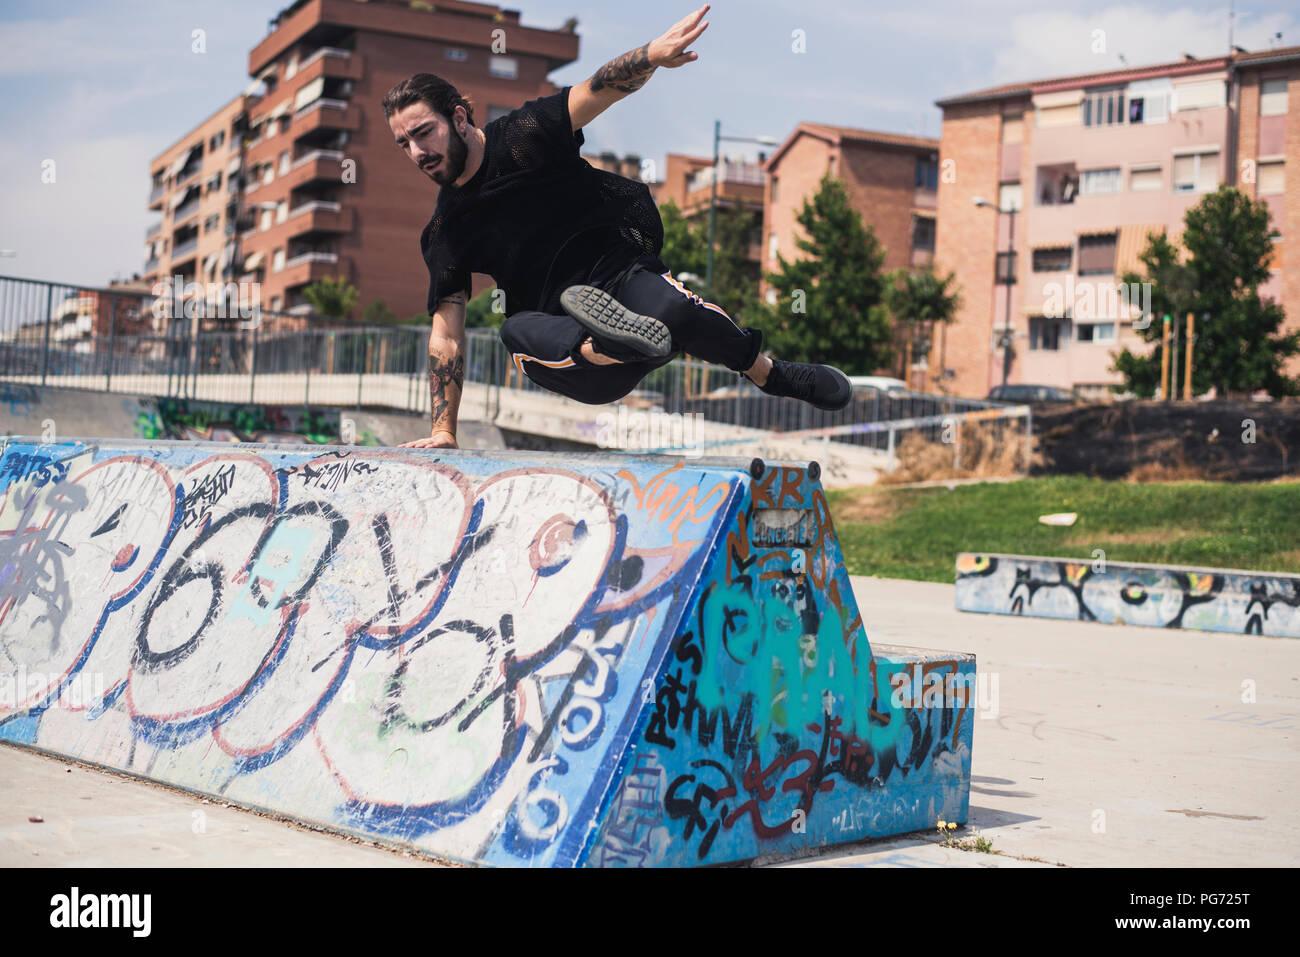 Tatuato uomo che fa parkour in uno skatepark Immagini Stock